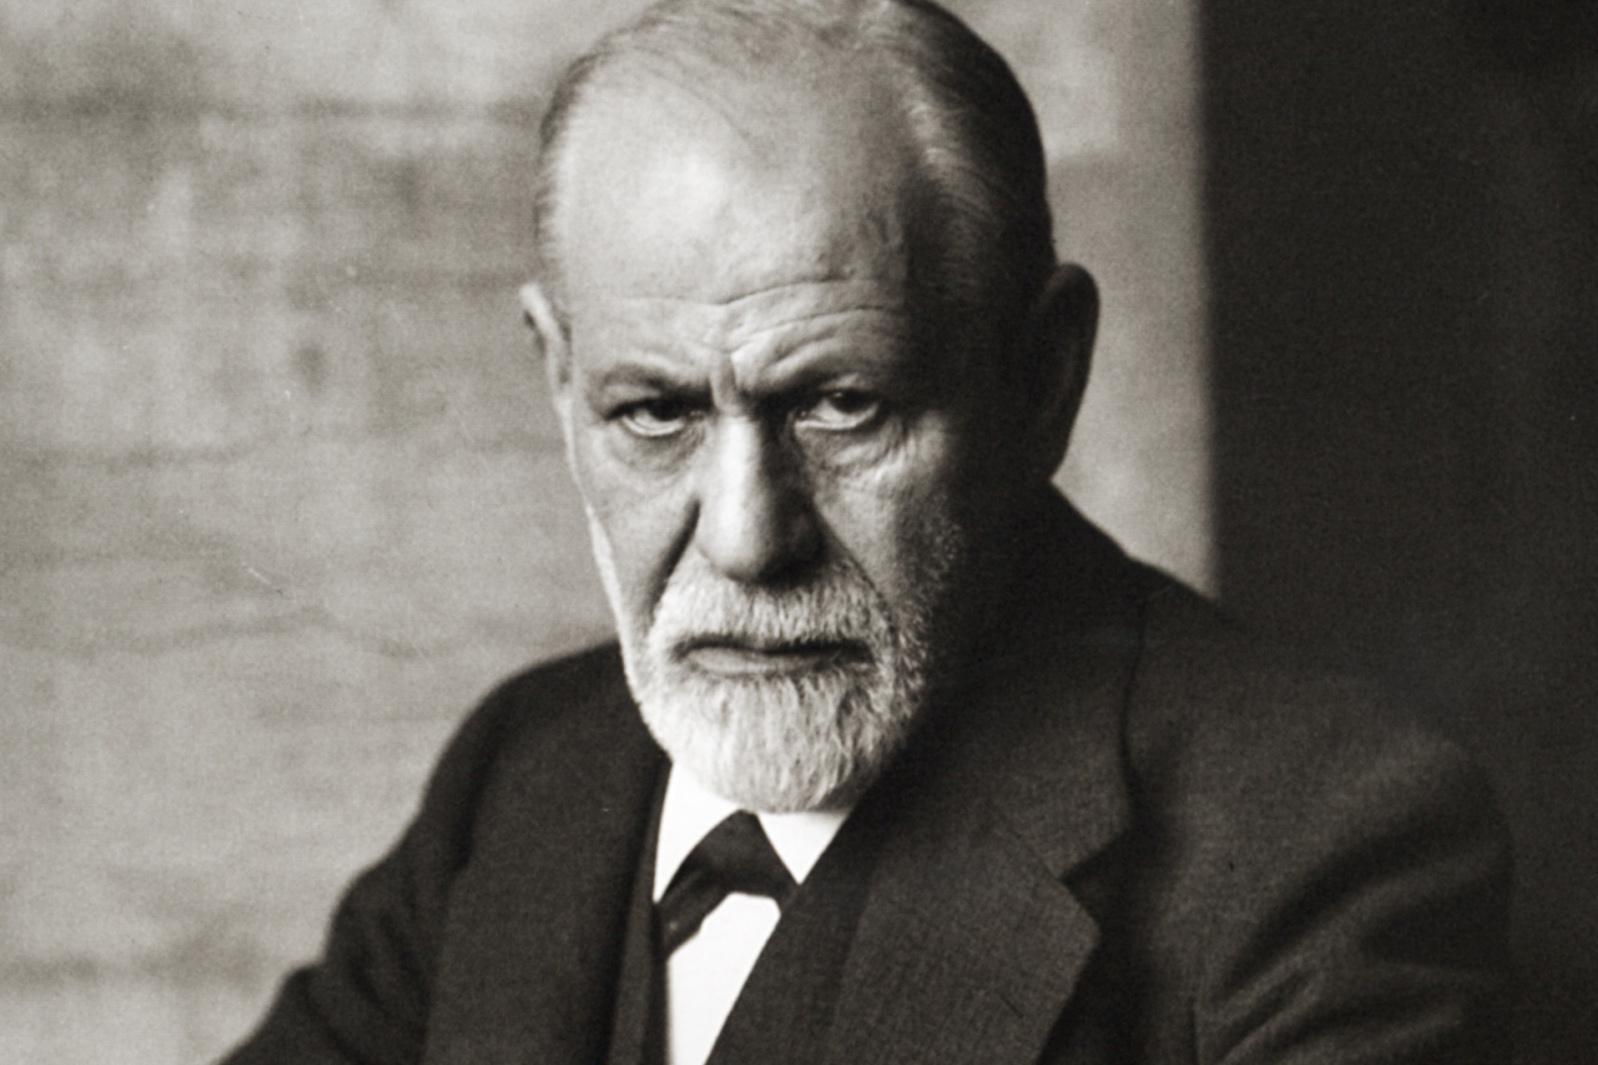 Las etapas de la sexualidad según Sigmund Freud